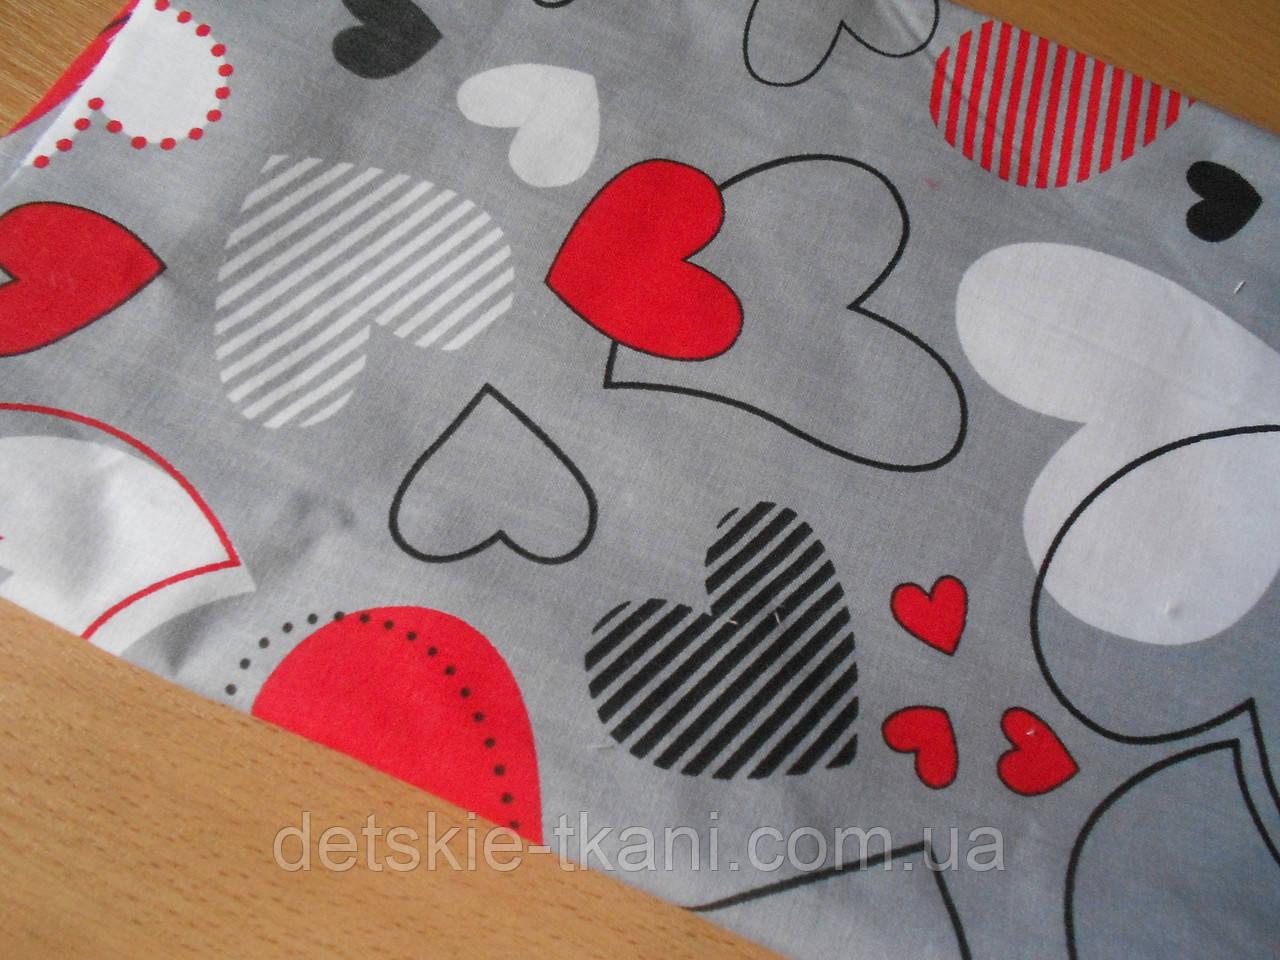 Лоскут ткани №463а размером 53*80 см